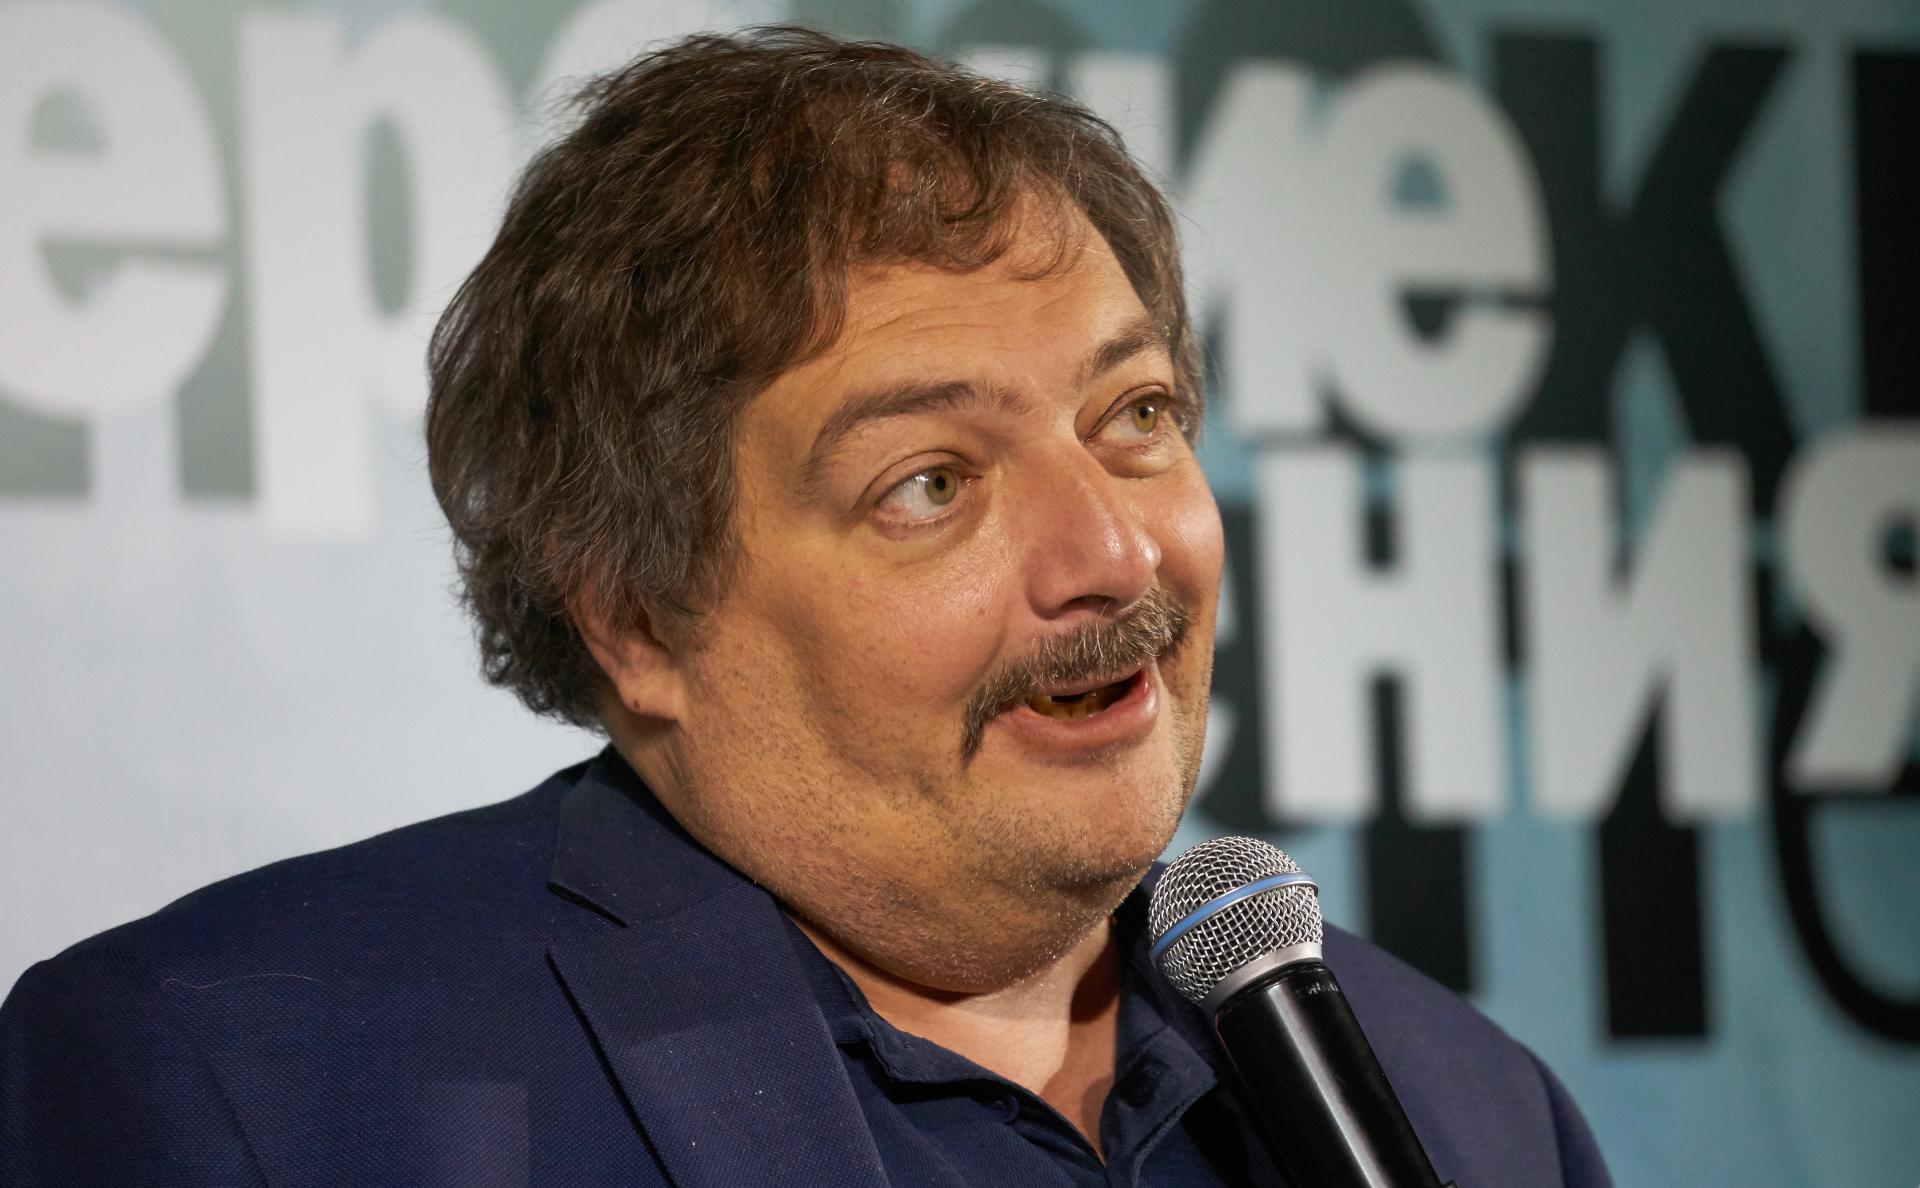 ФСБ пыталась отравить поэта Дмитрия Быкова — The Insider и Bellingcat